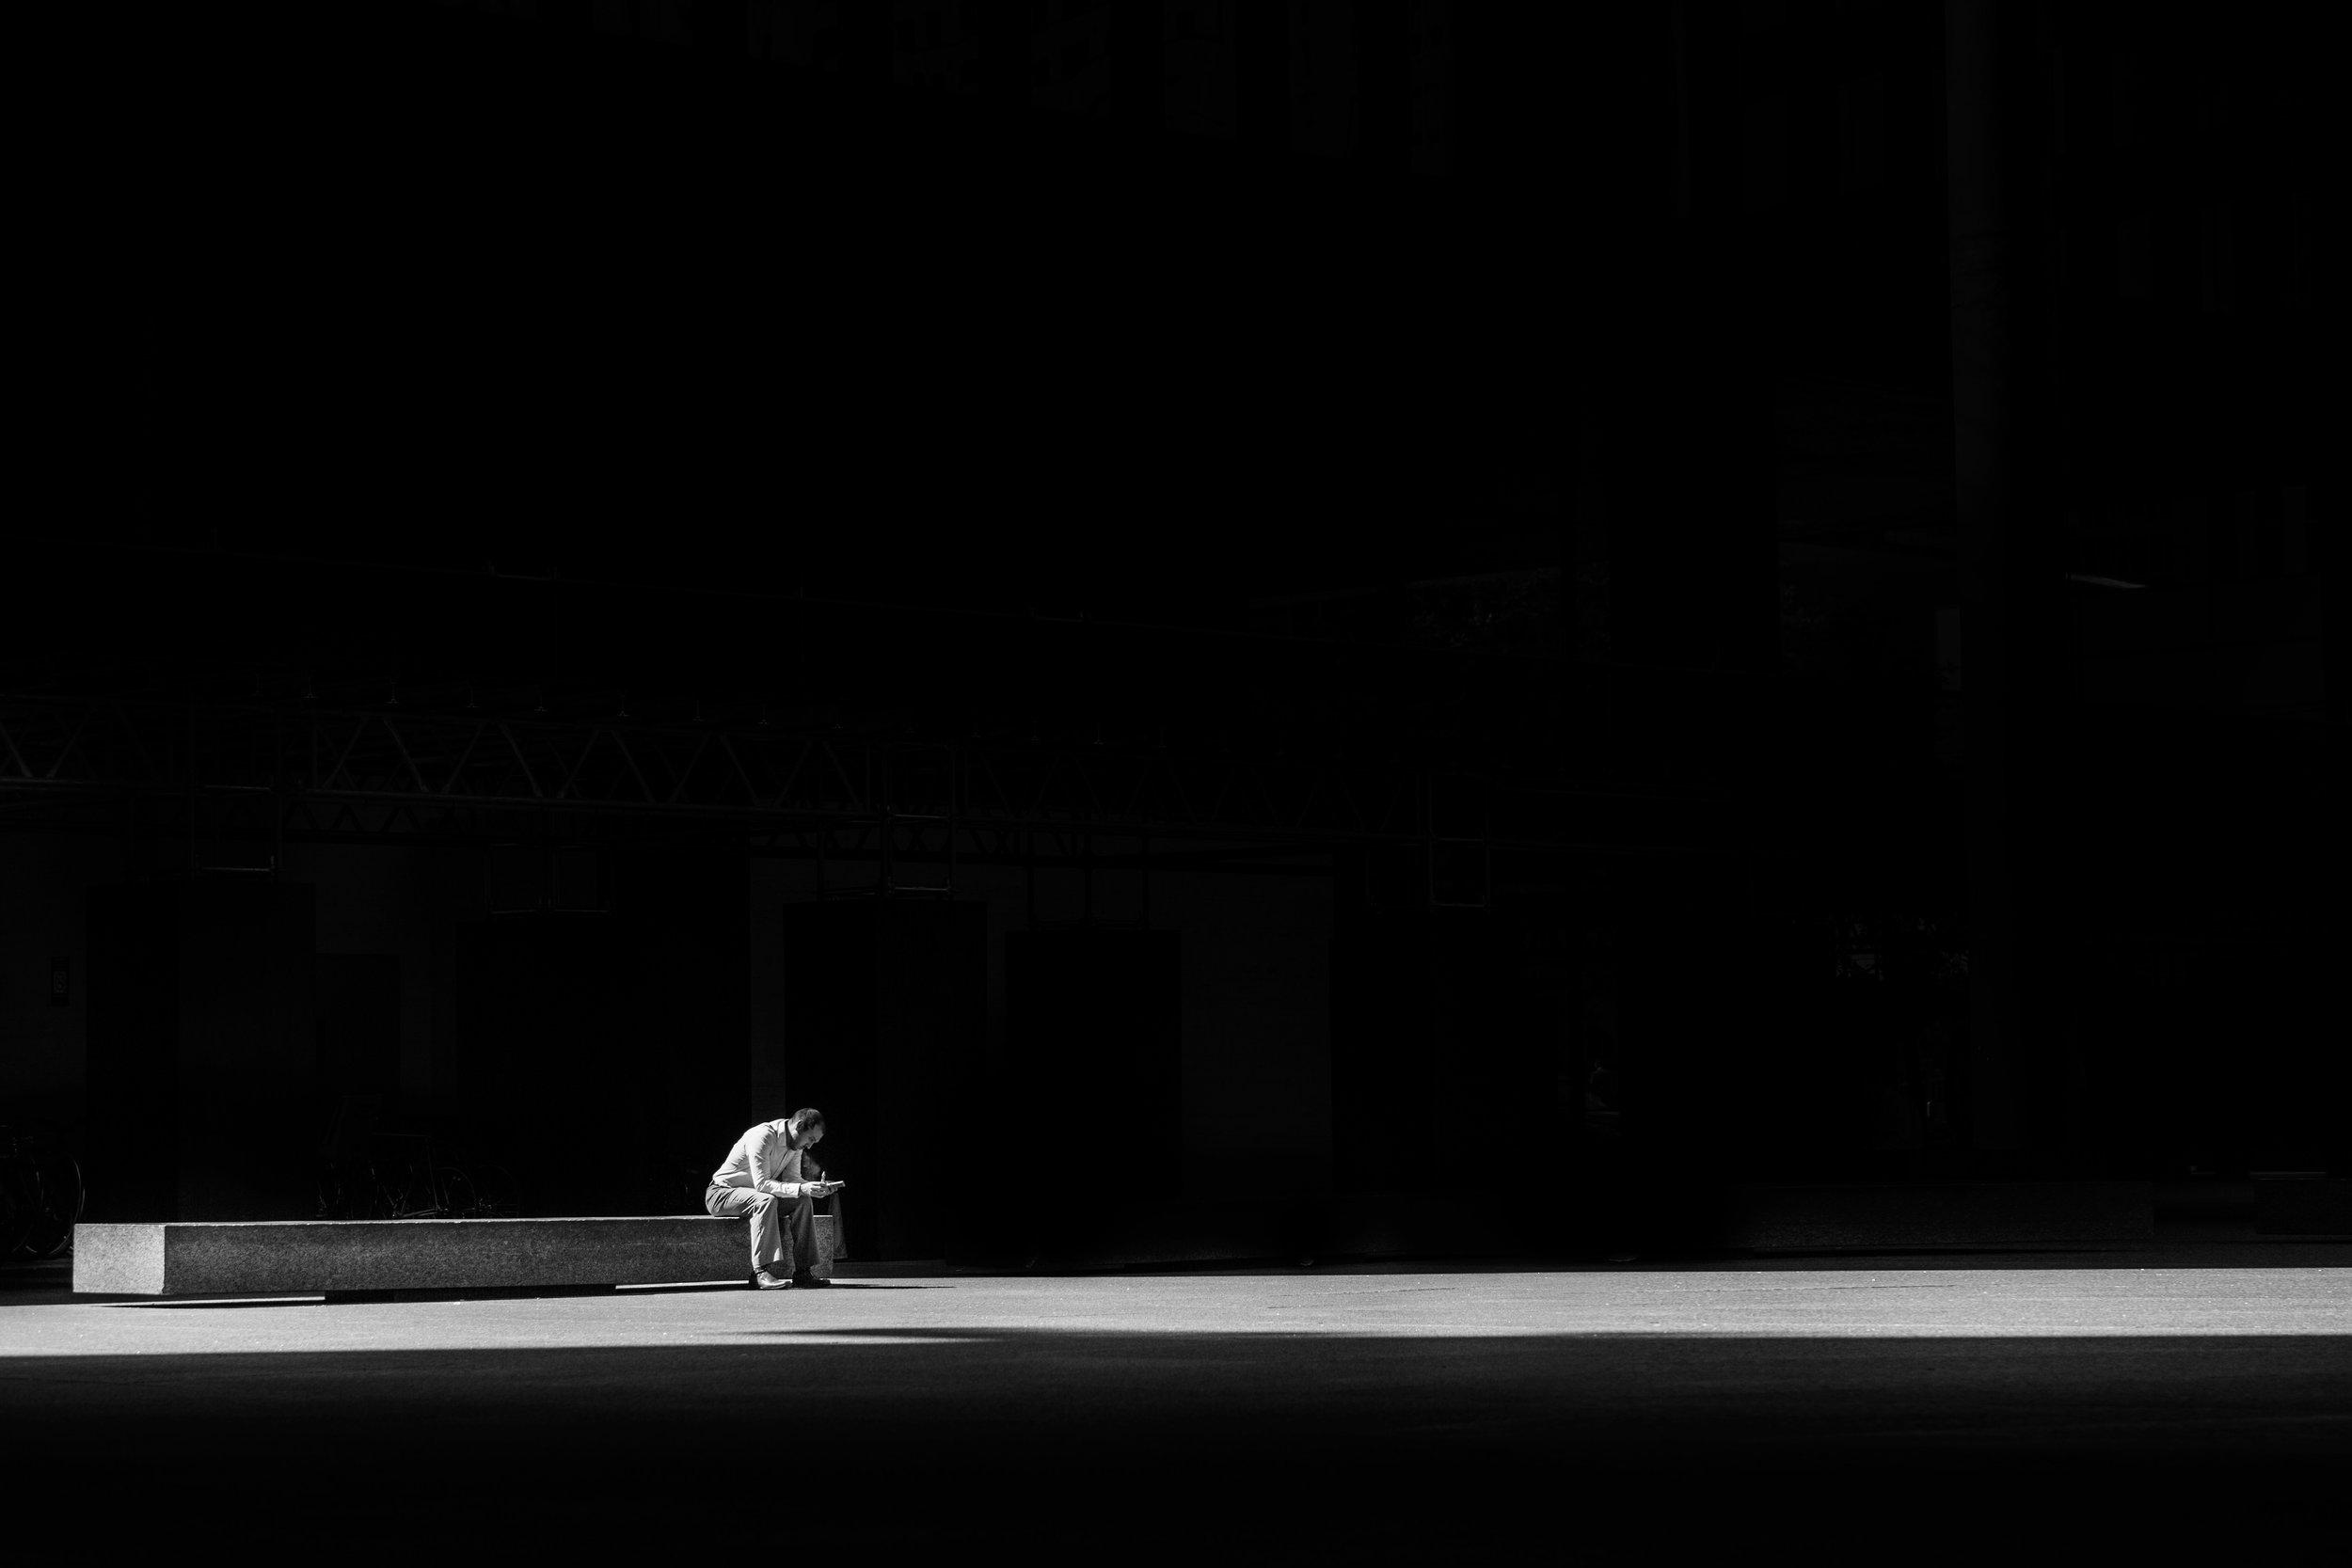 """es el amor… - El amenazado es un poema de amor de Jorge Luis Borges escrito en 1972 y publicado por primera vez en El oro de los tigres. Quizás uno de los más conocidos, este poema de veintiún versos, nos presenta la angustia de quien se ve """"amenazado"""" por la fuerza del amor.Limpio y evocativo, El amenazado es, sin duda y como muchas de las obras de Borges, una pieza maestra.Foto por Matthew Henry en Unsplash"""